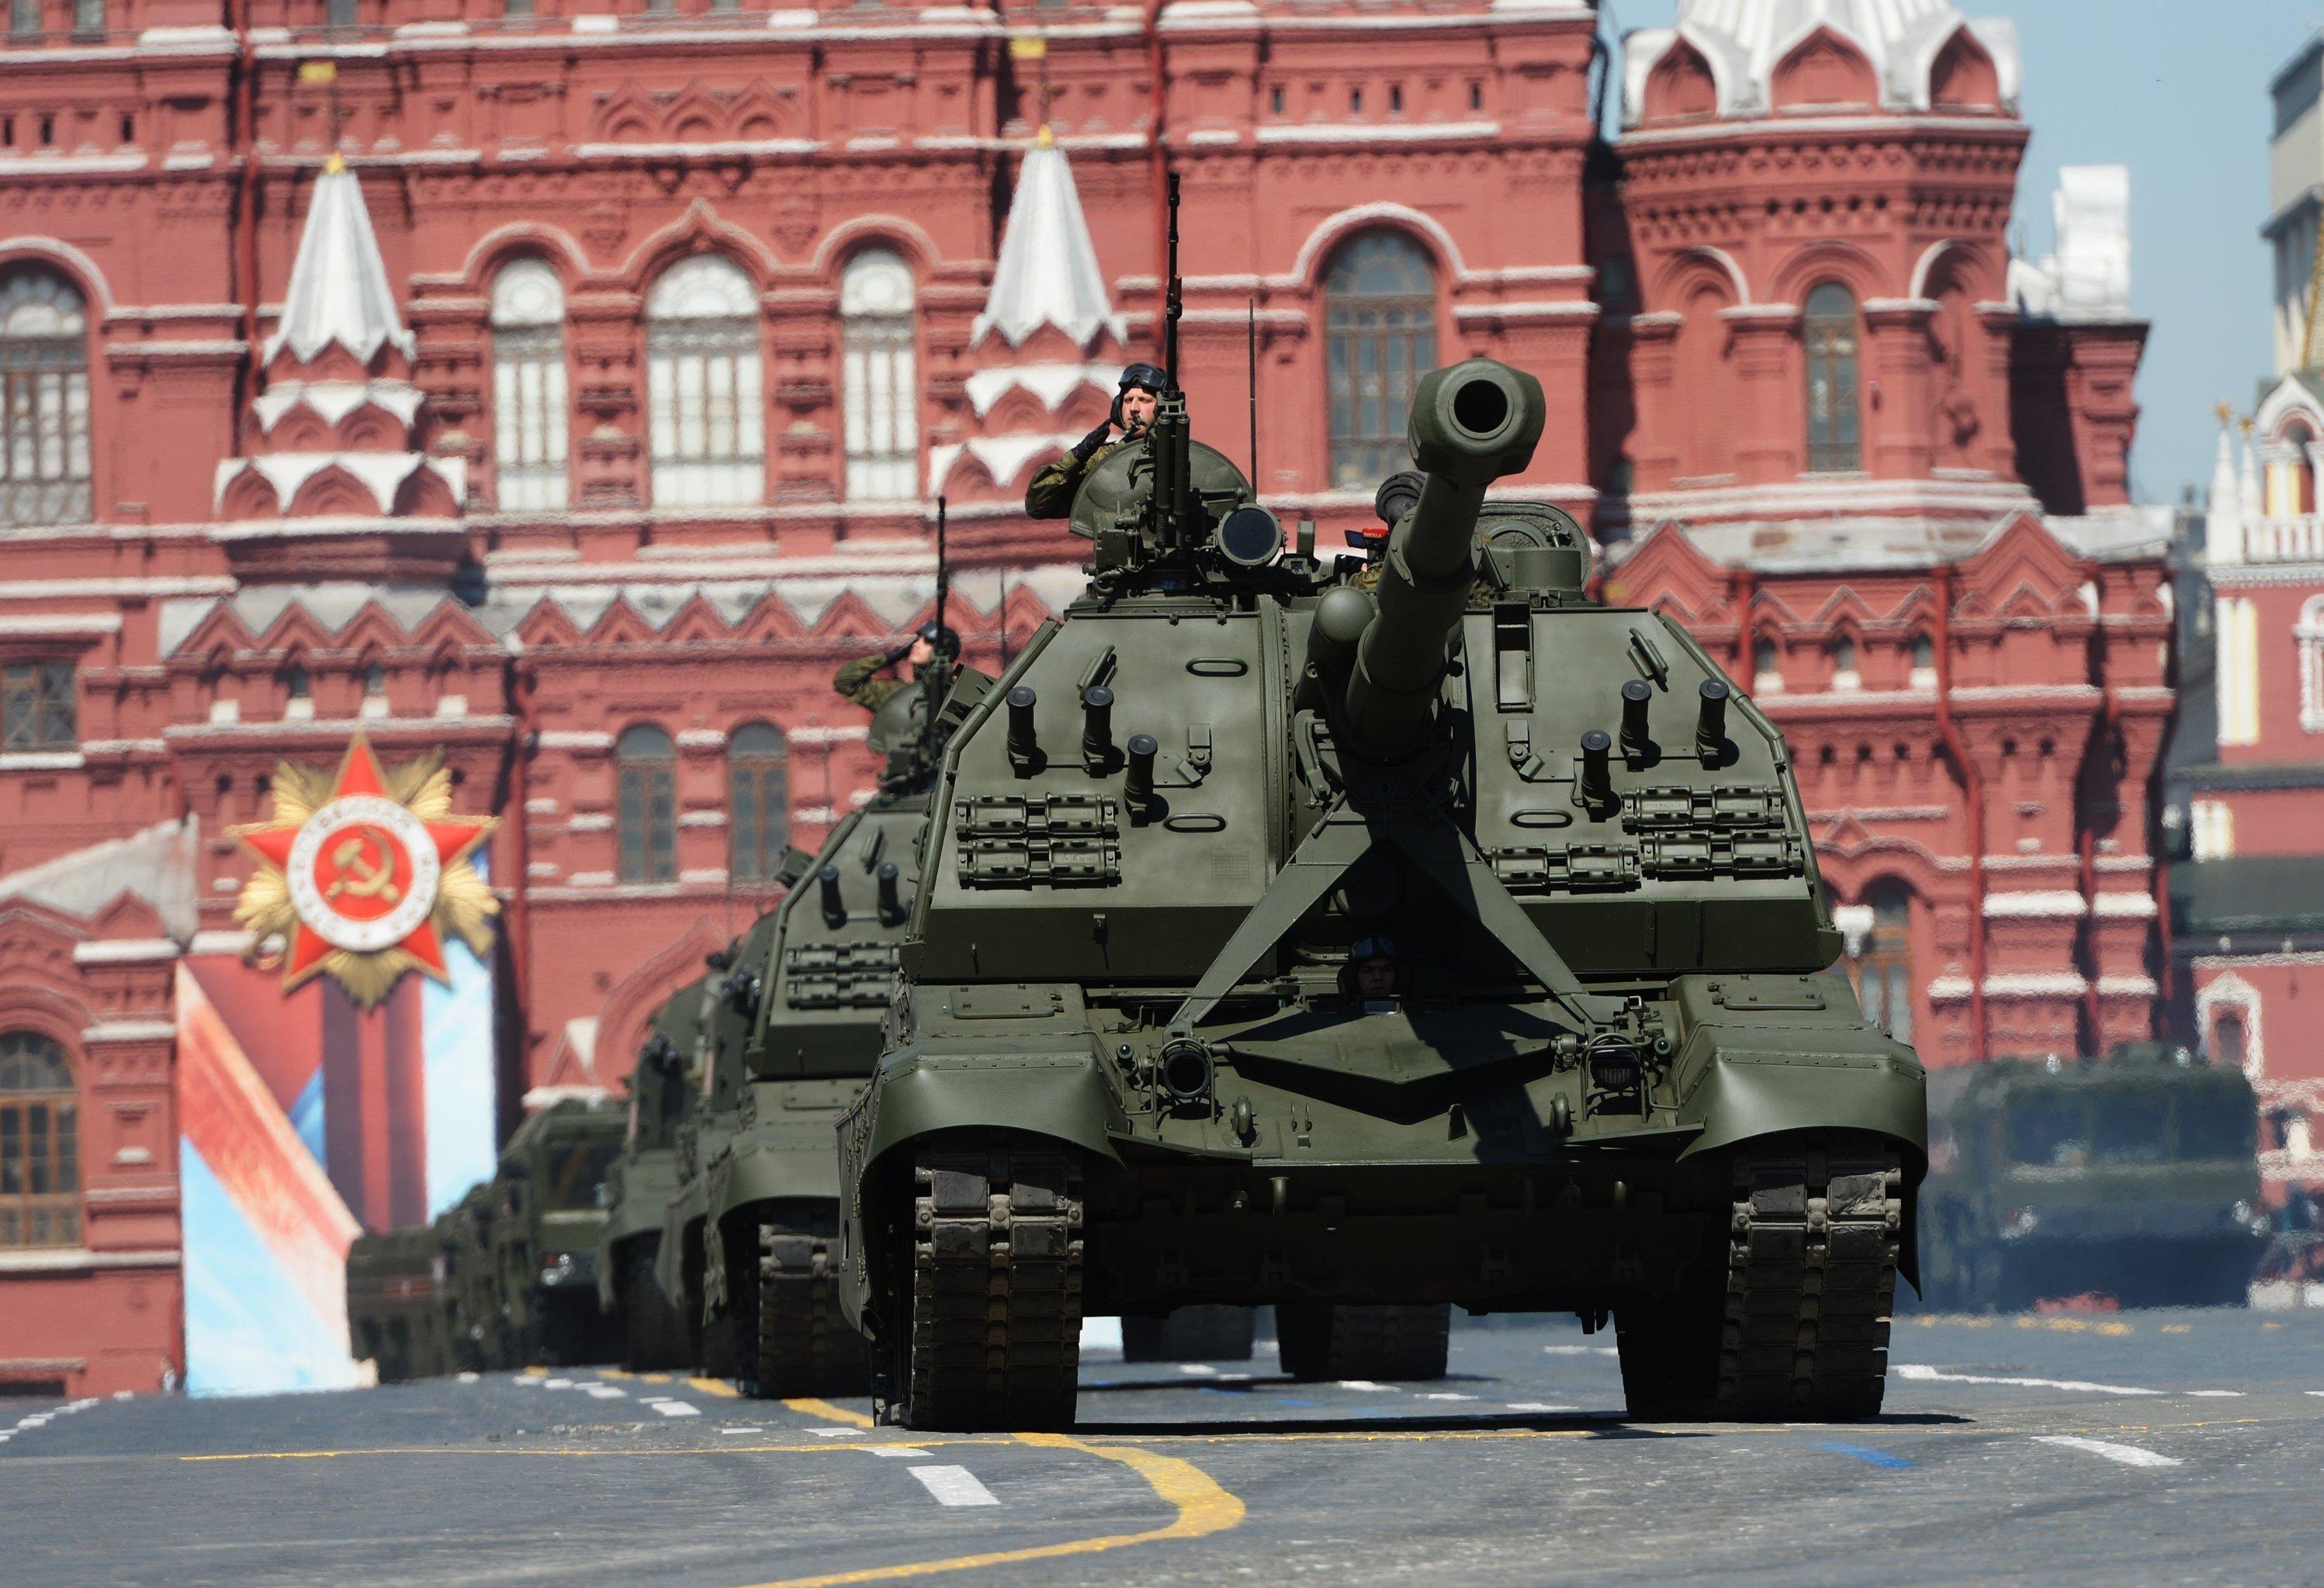 Вконце рабочей недели вечером вцентре Екатеринбурга перекроют улицы из-за репетиции парада Победы